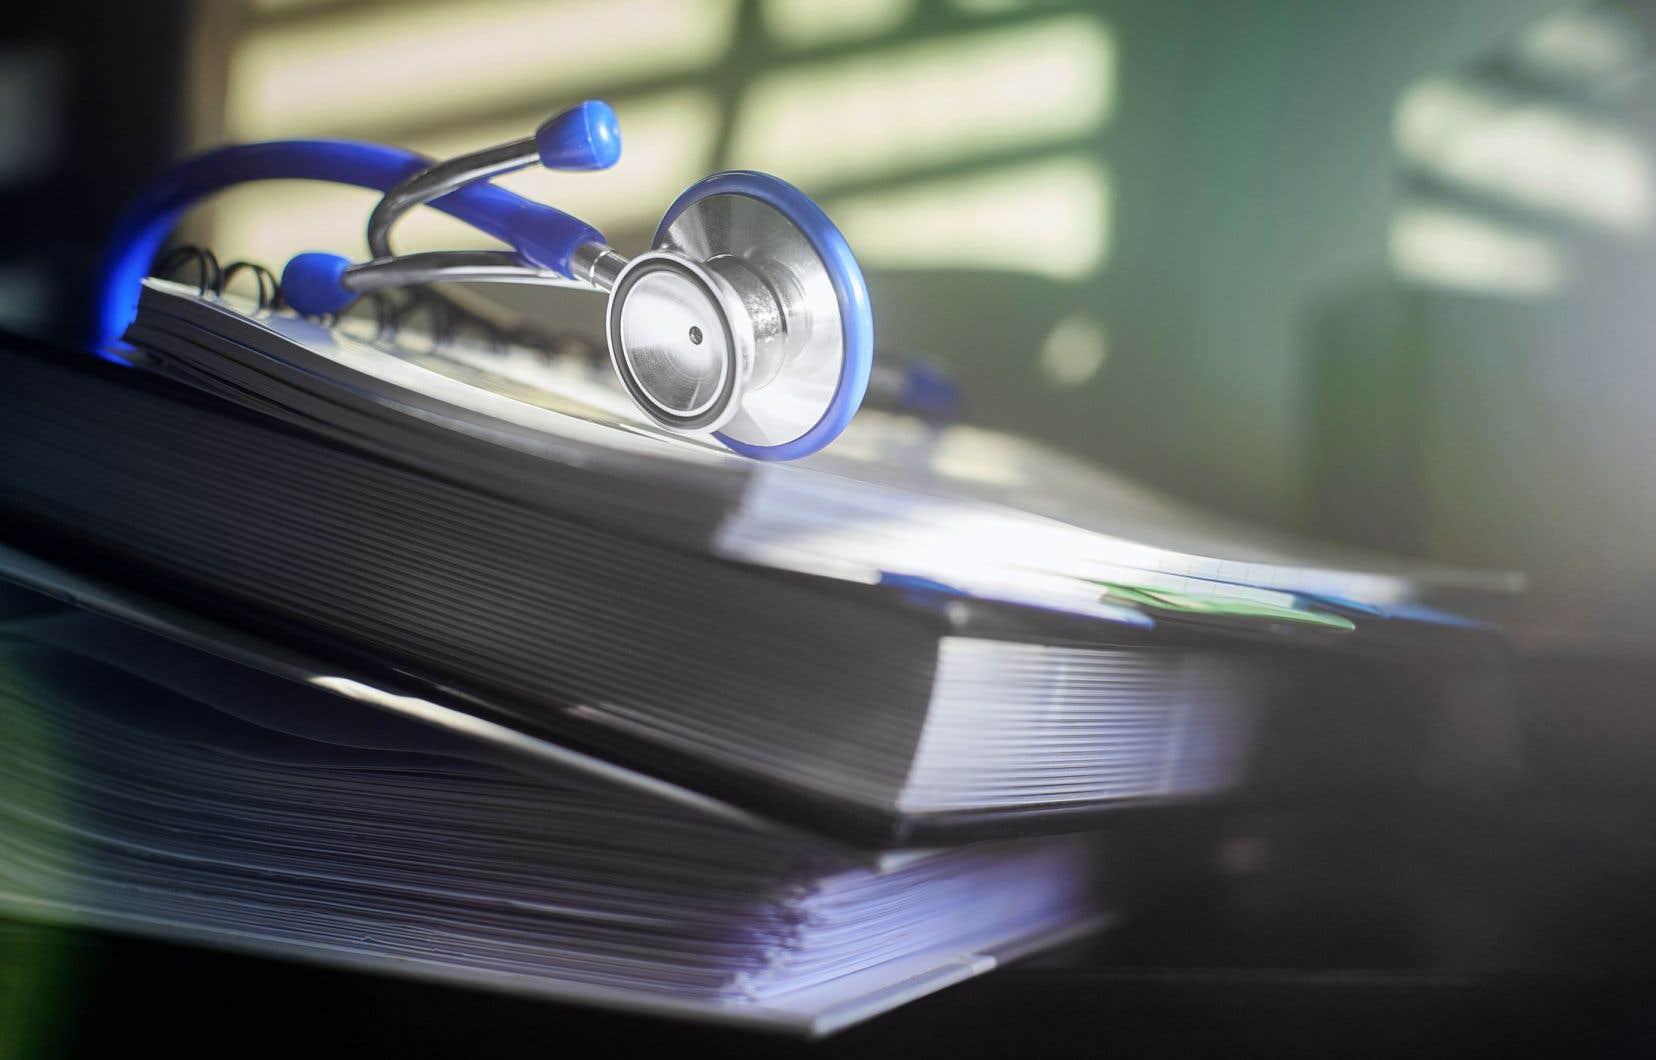 L'évaluation médicale est gratuite lorsqu'elle est effectuée par un médecin spécialiste, mais pas lorsqu'elle est réalisée par un médecin de famille.